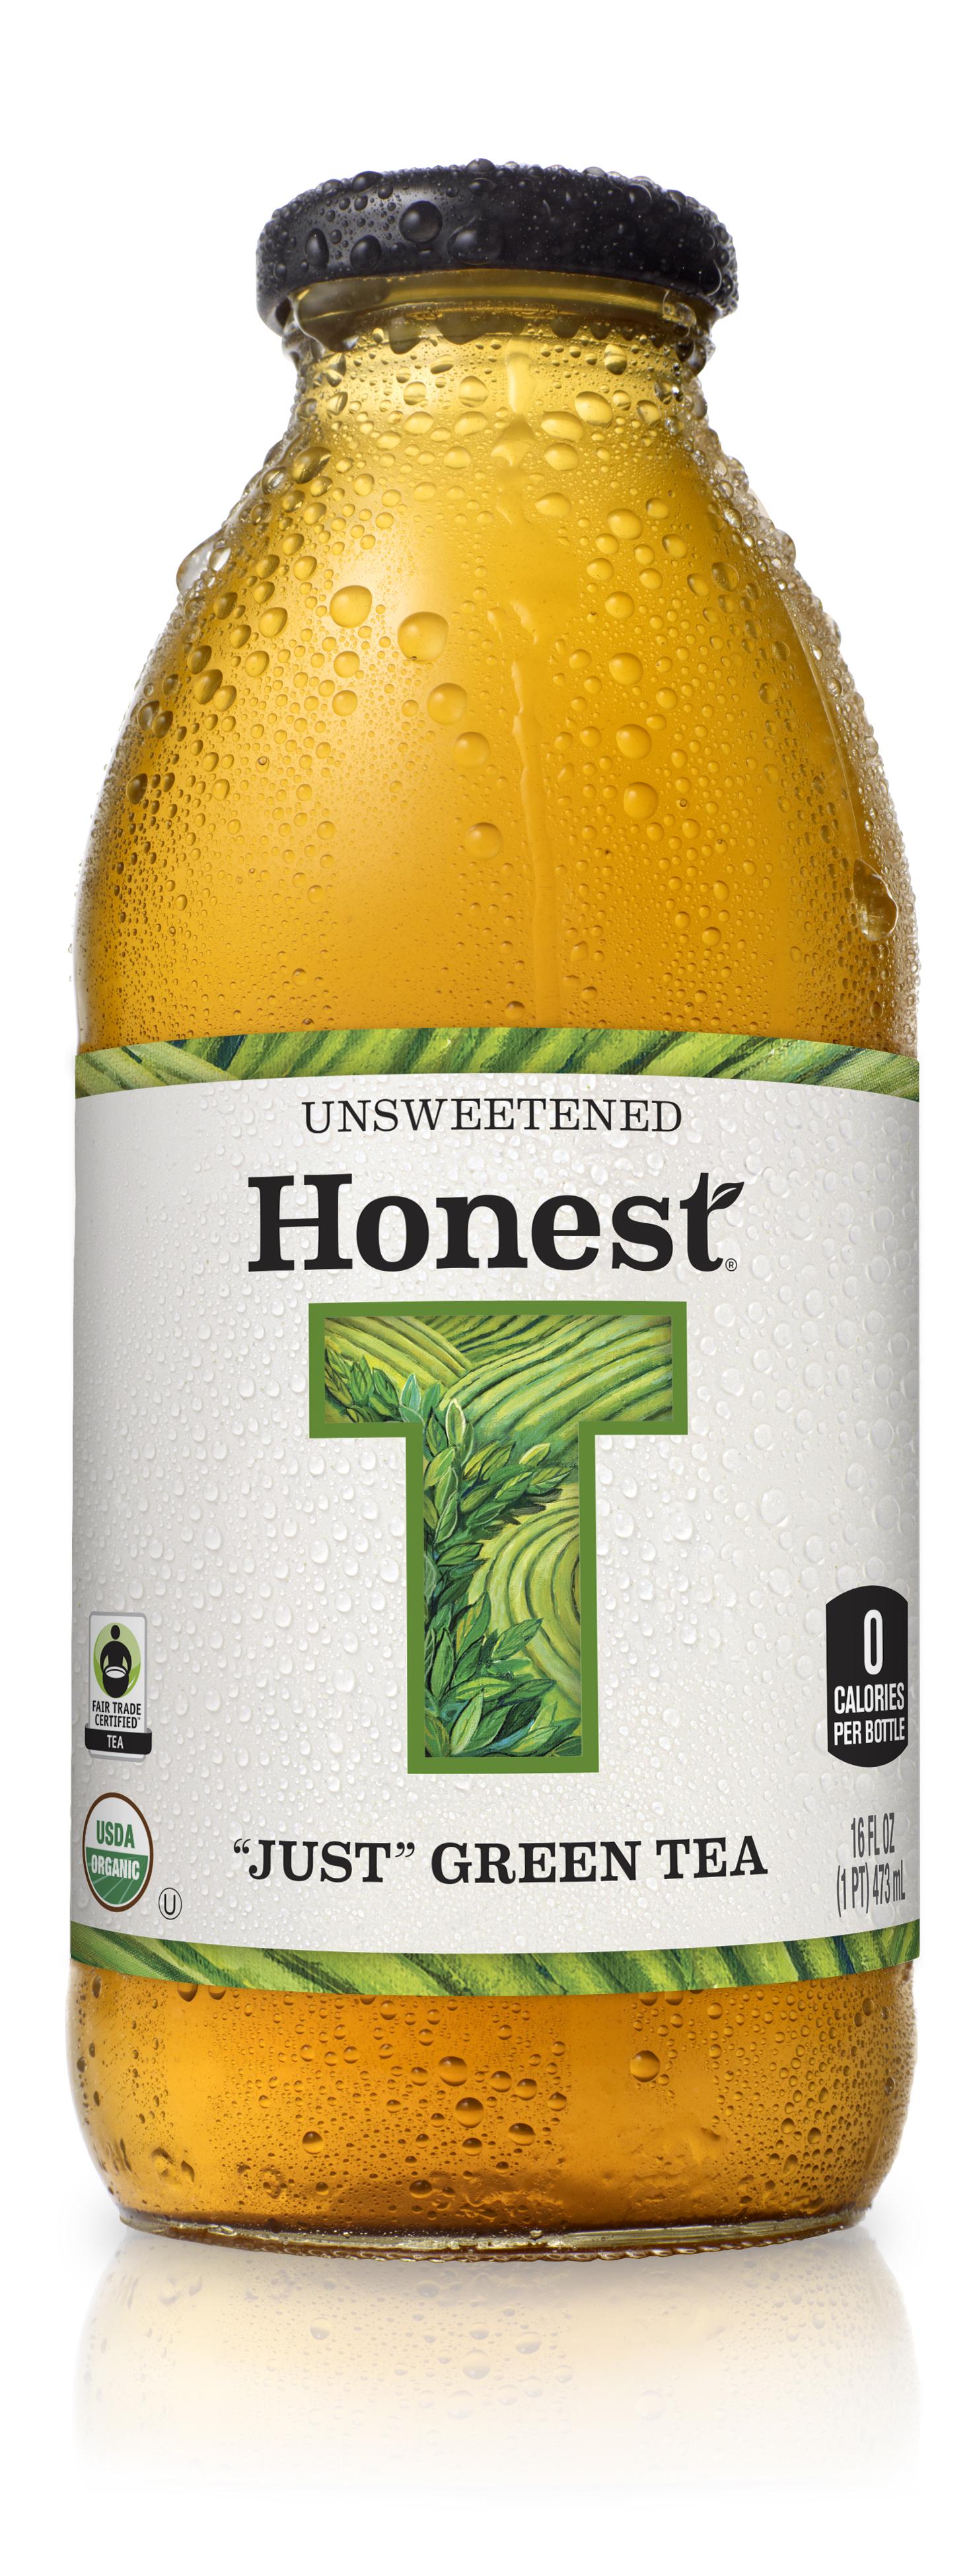 Photo: new label design, Honest tea glass bottles range